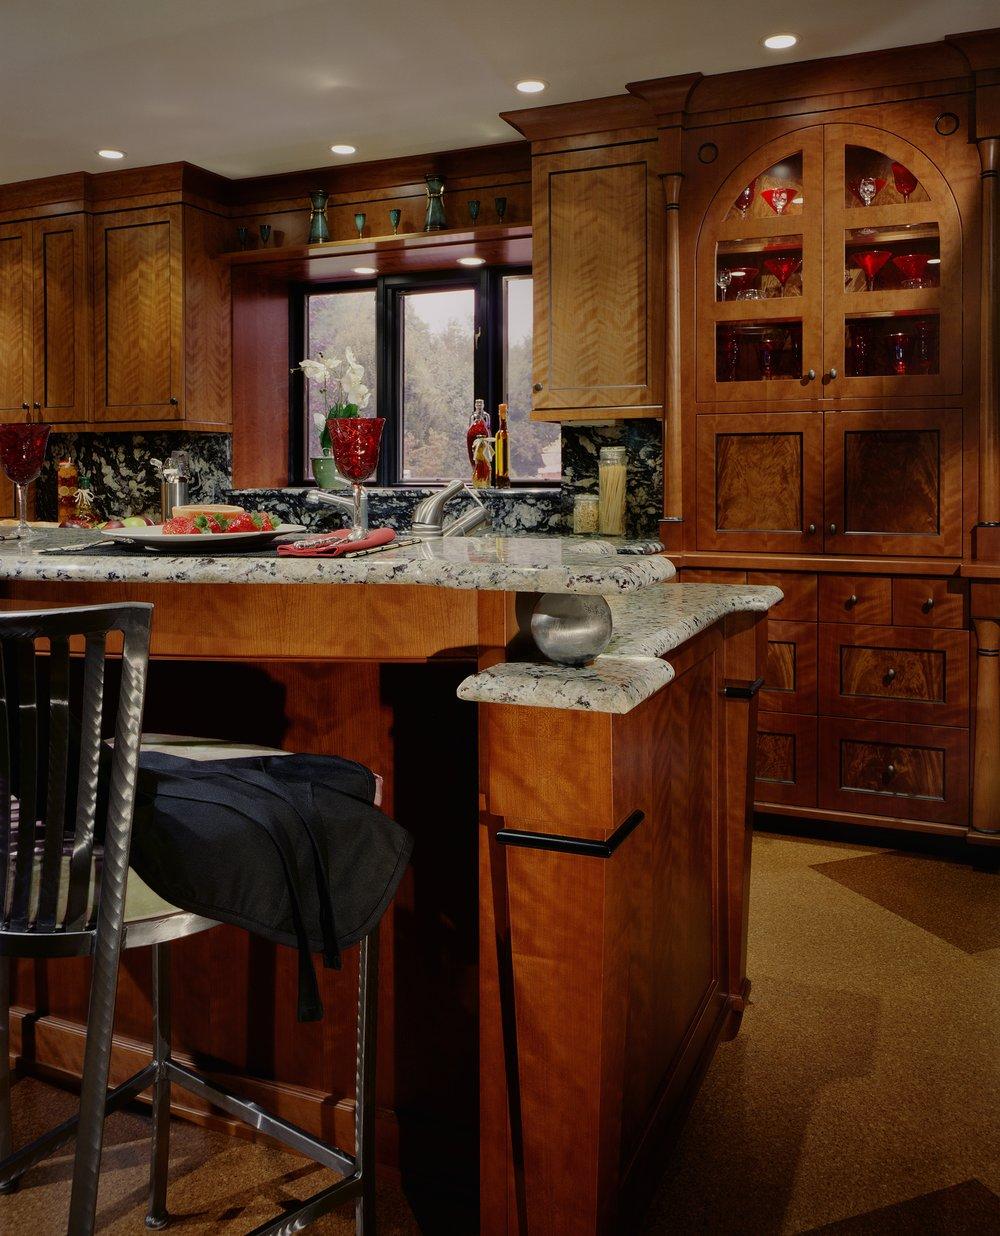 KBC_kitchen_bath_concepts_Kitchen_2-1.jpg